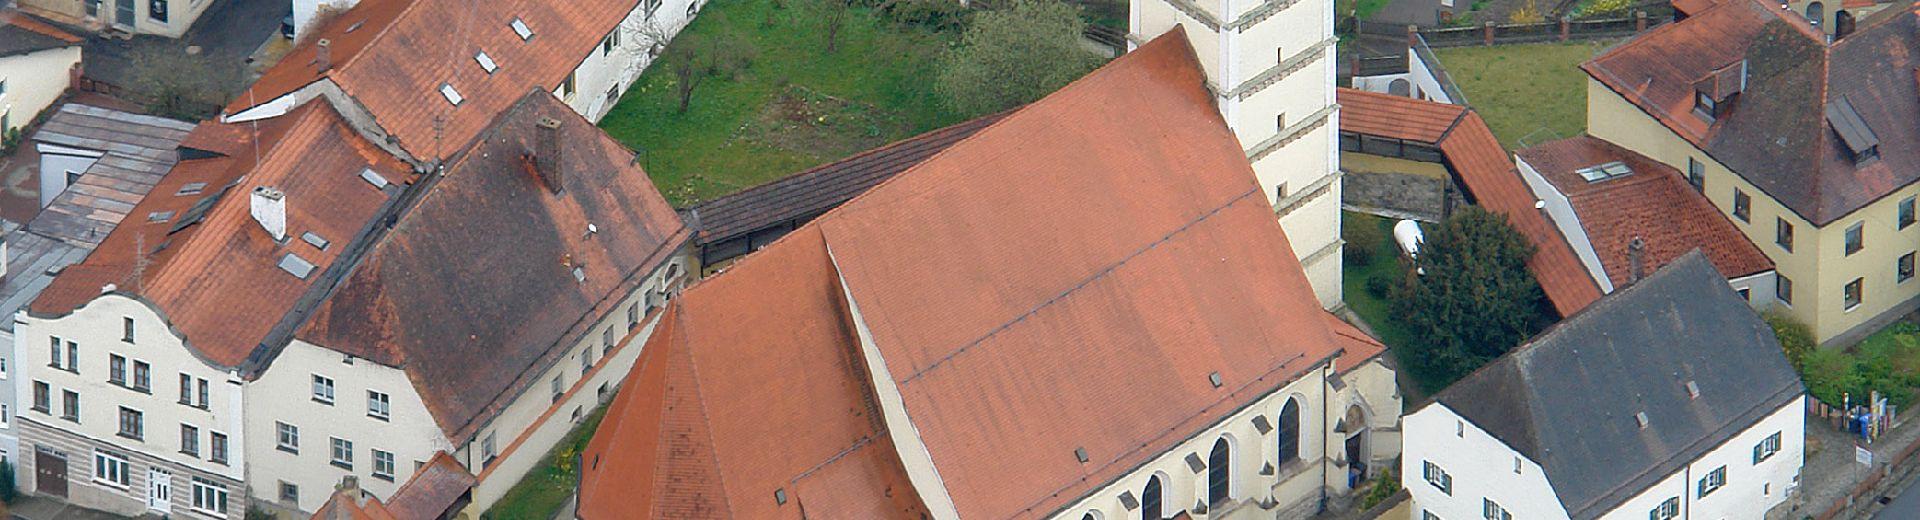 Wehrkirche Kößlarn